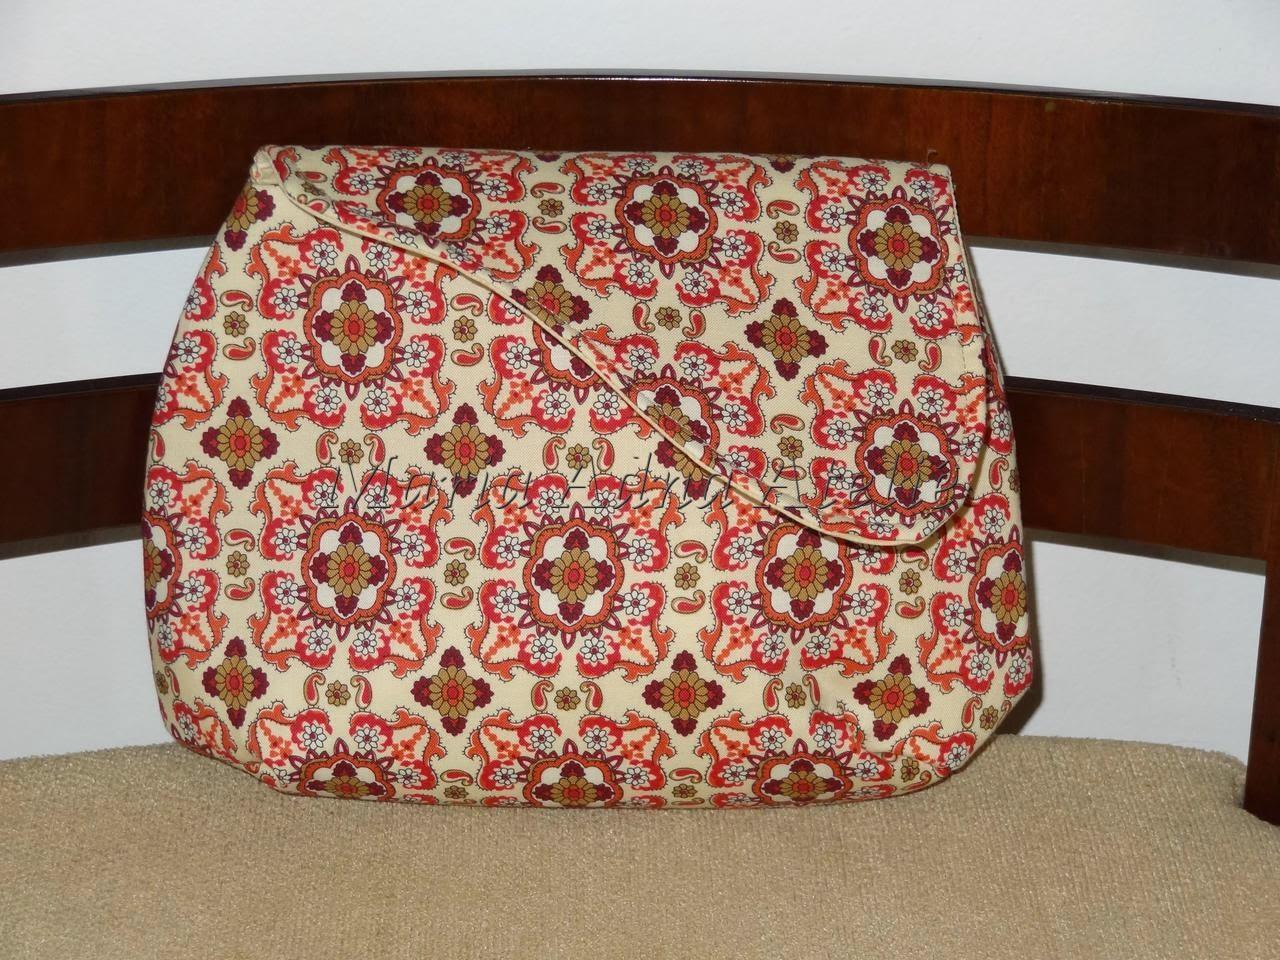 Bolsa carteira - Carteira em tecido - Bolsa em tecido - Bolsa tipo carteira em tecido